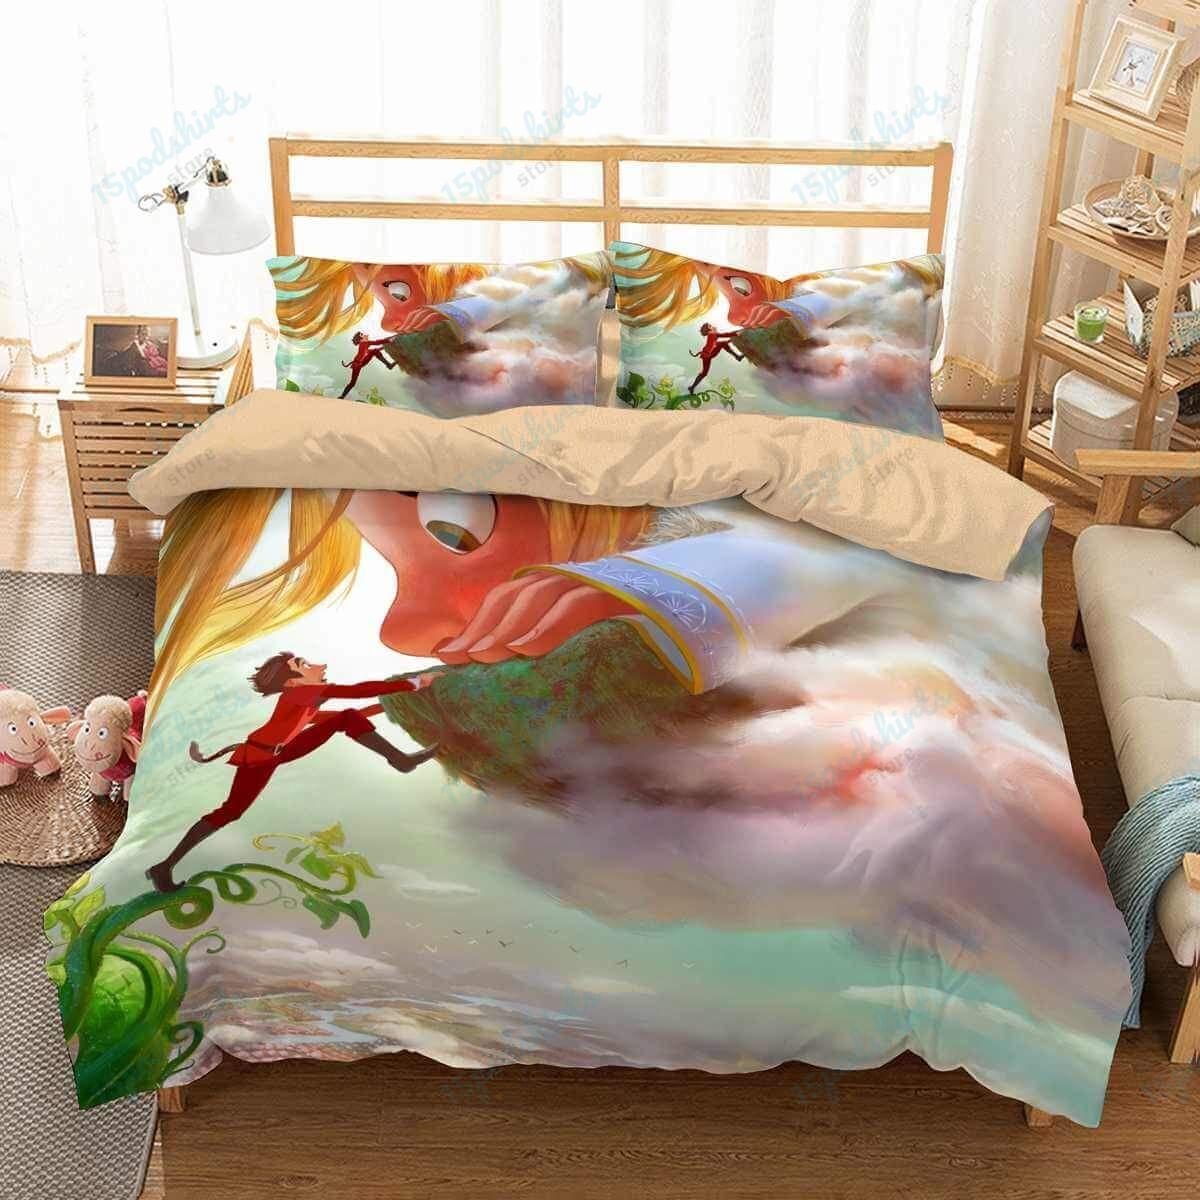 Tangled The Series Duvet Cover Bedding Set